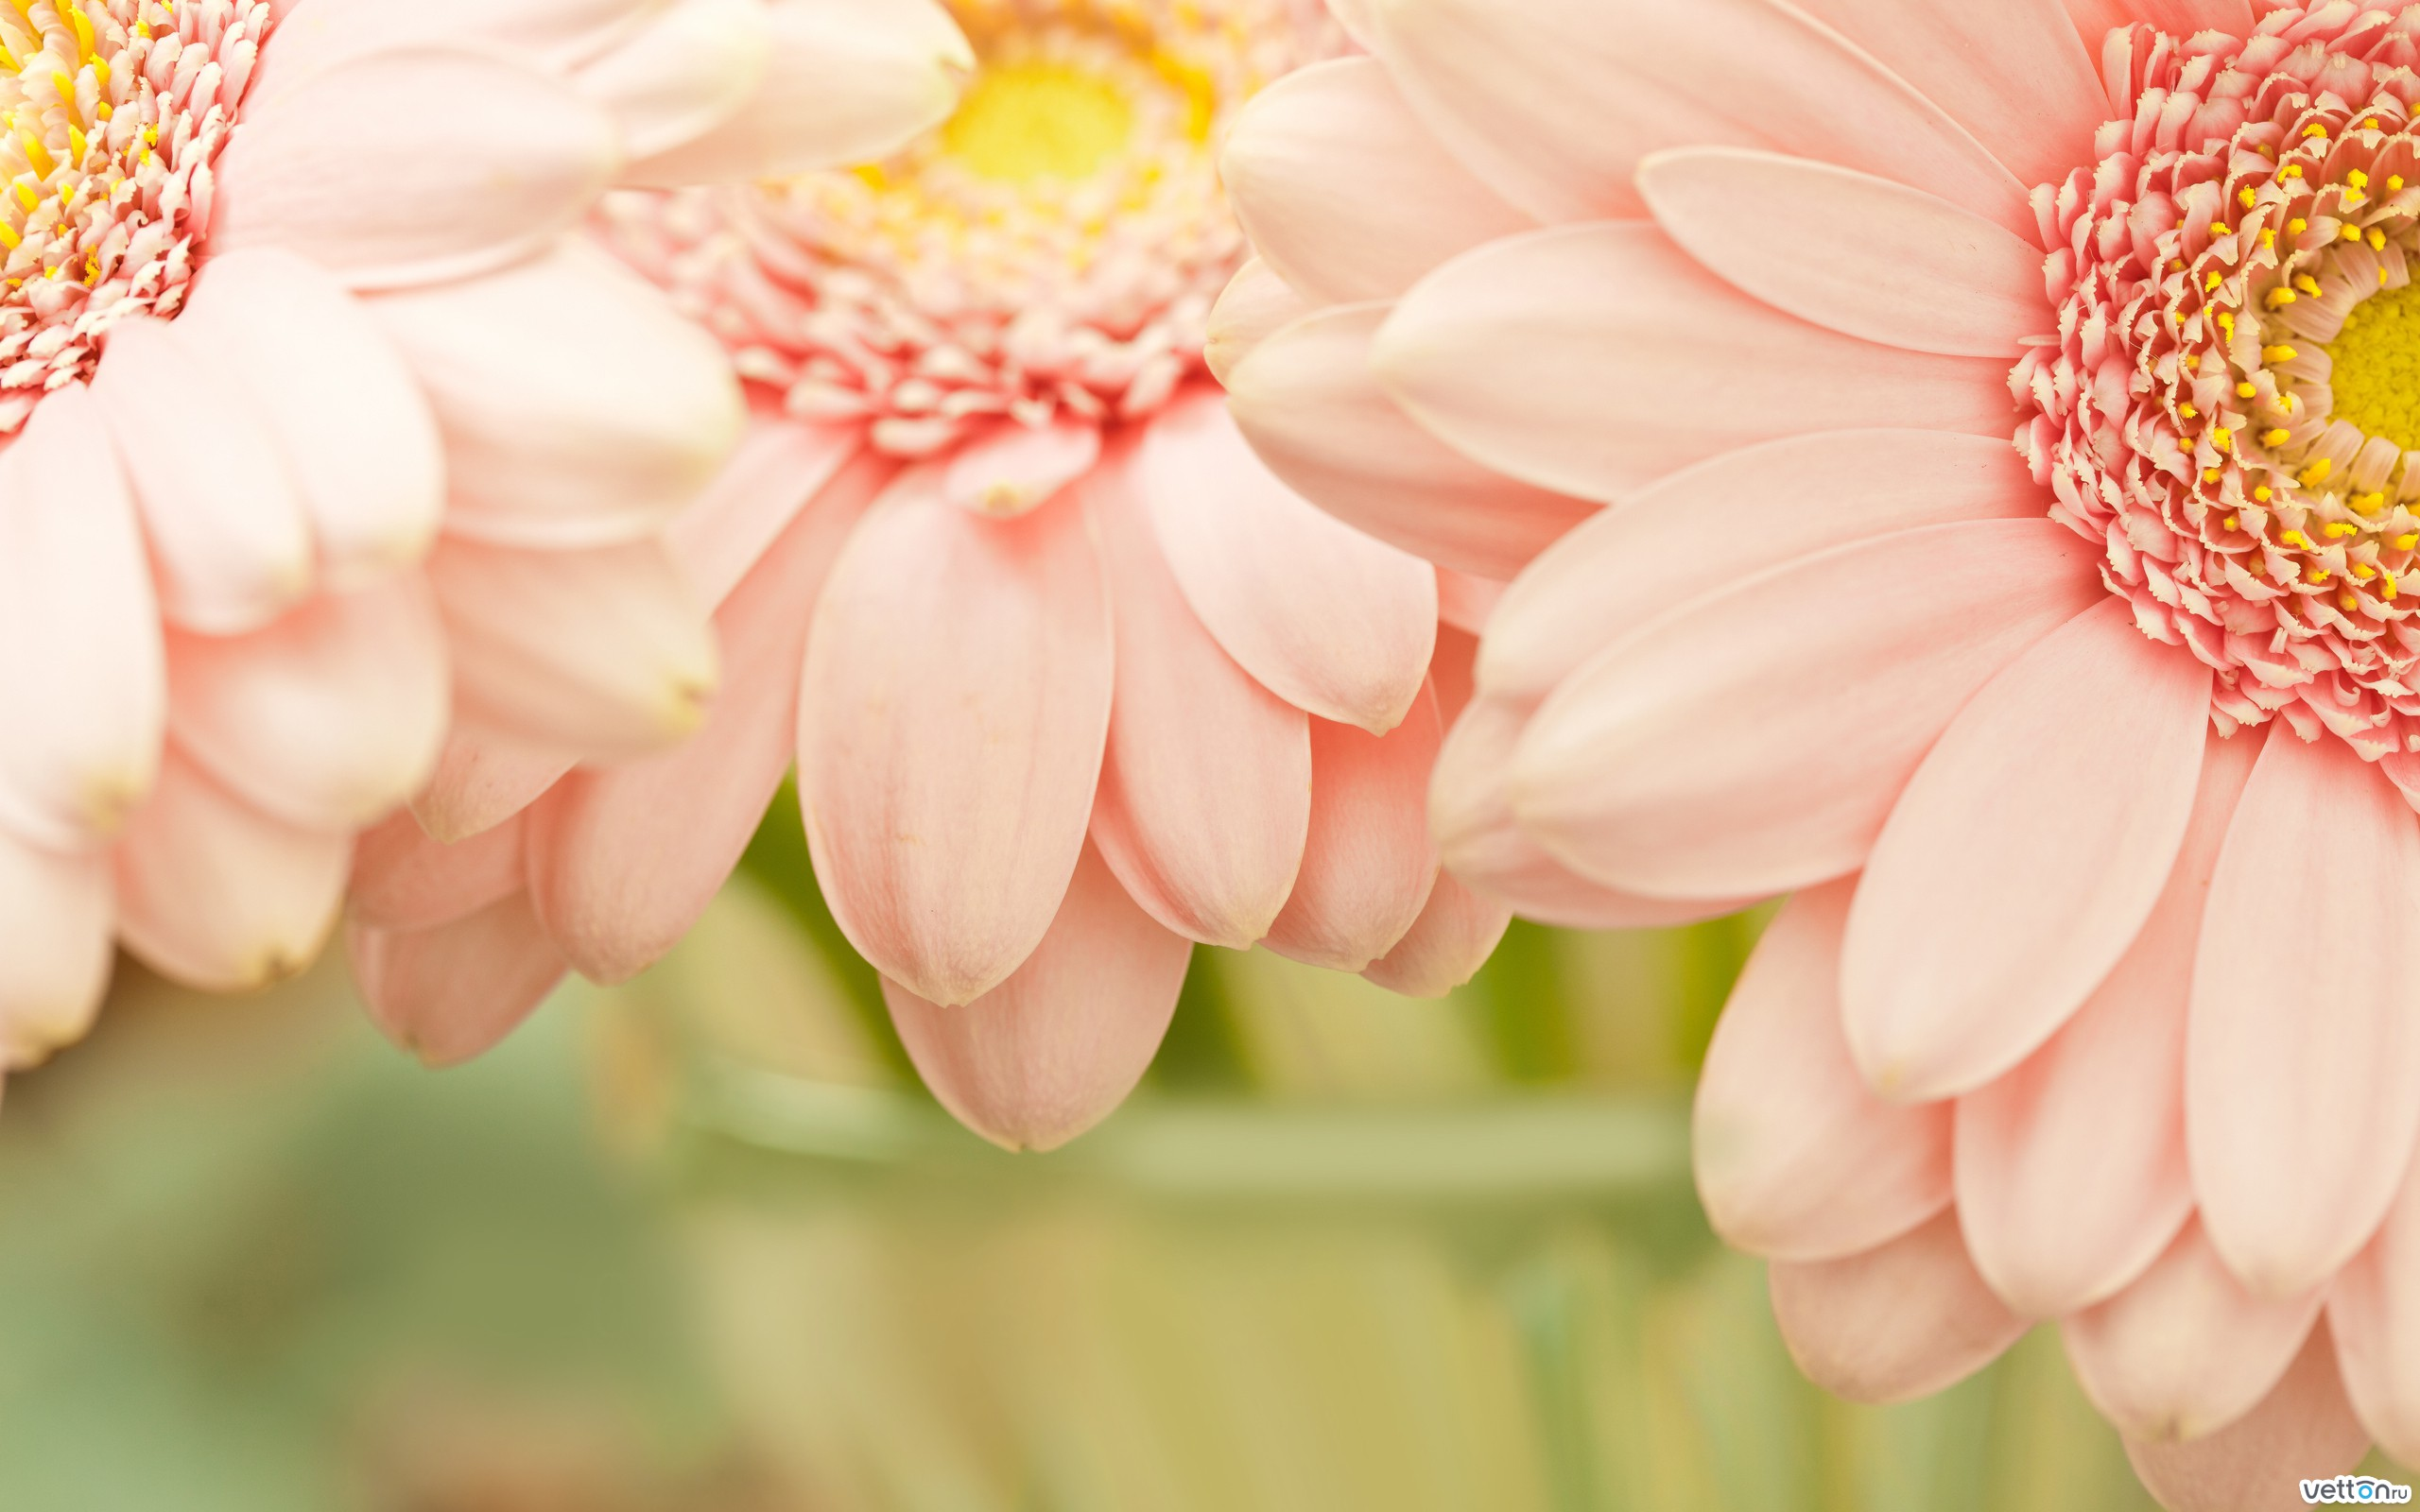 обои на рабочий стол wallpapers цветы № 644843 бесплатно